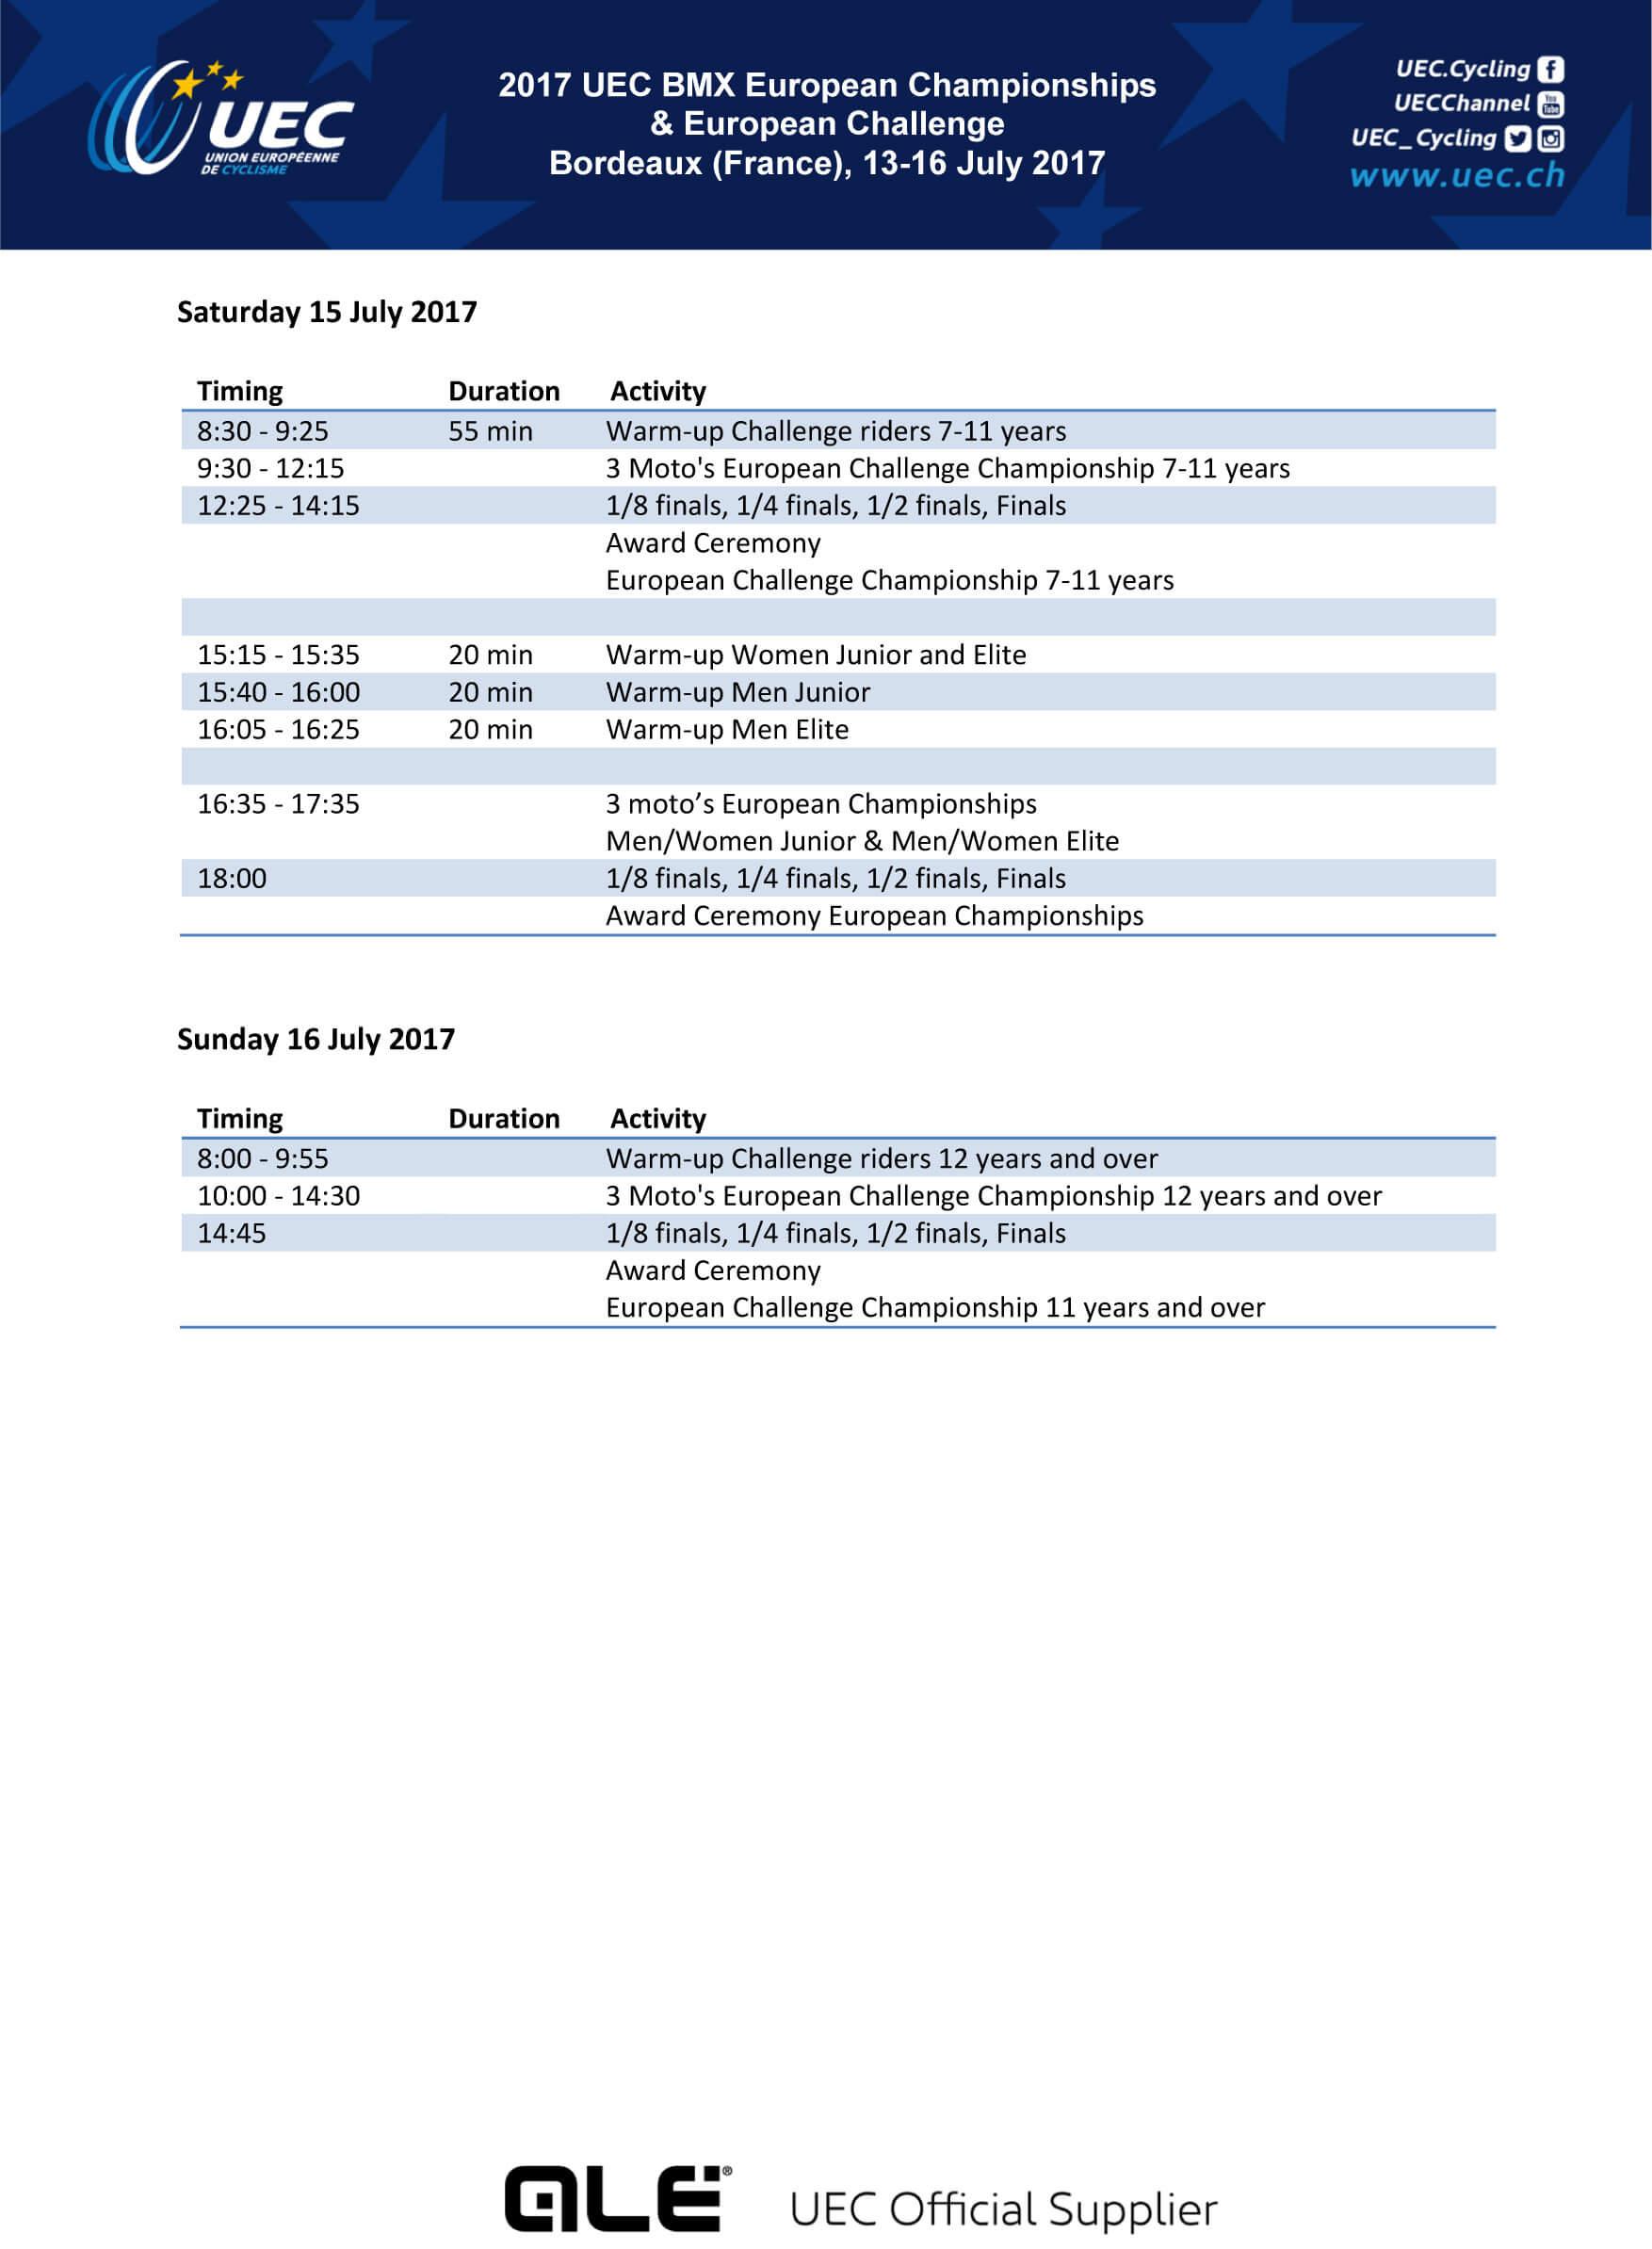 2017 BMX European Championships Schedule P2